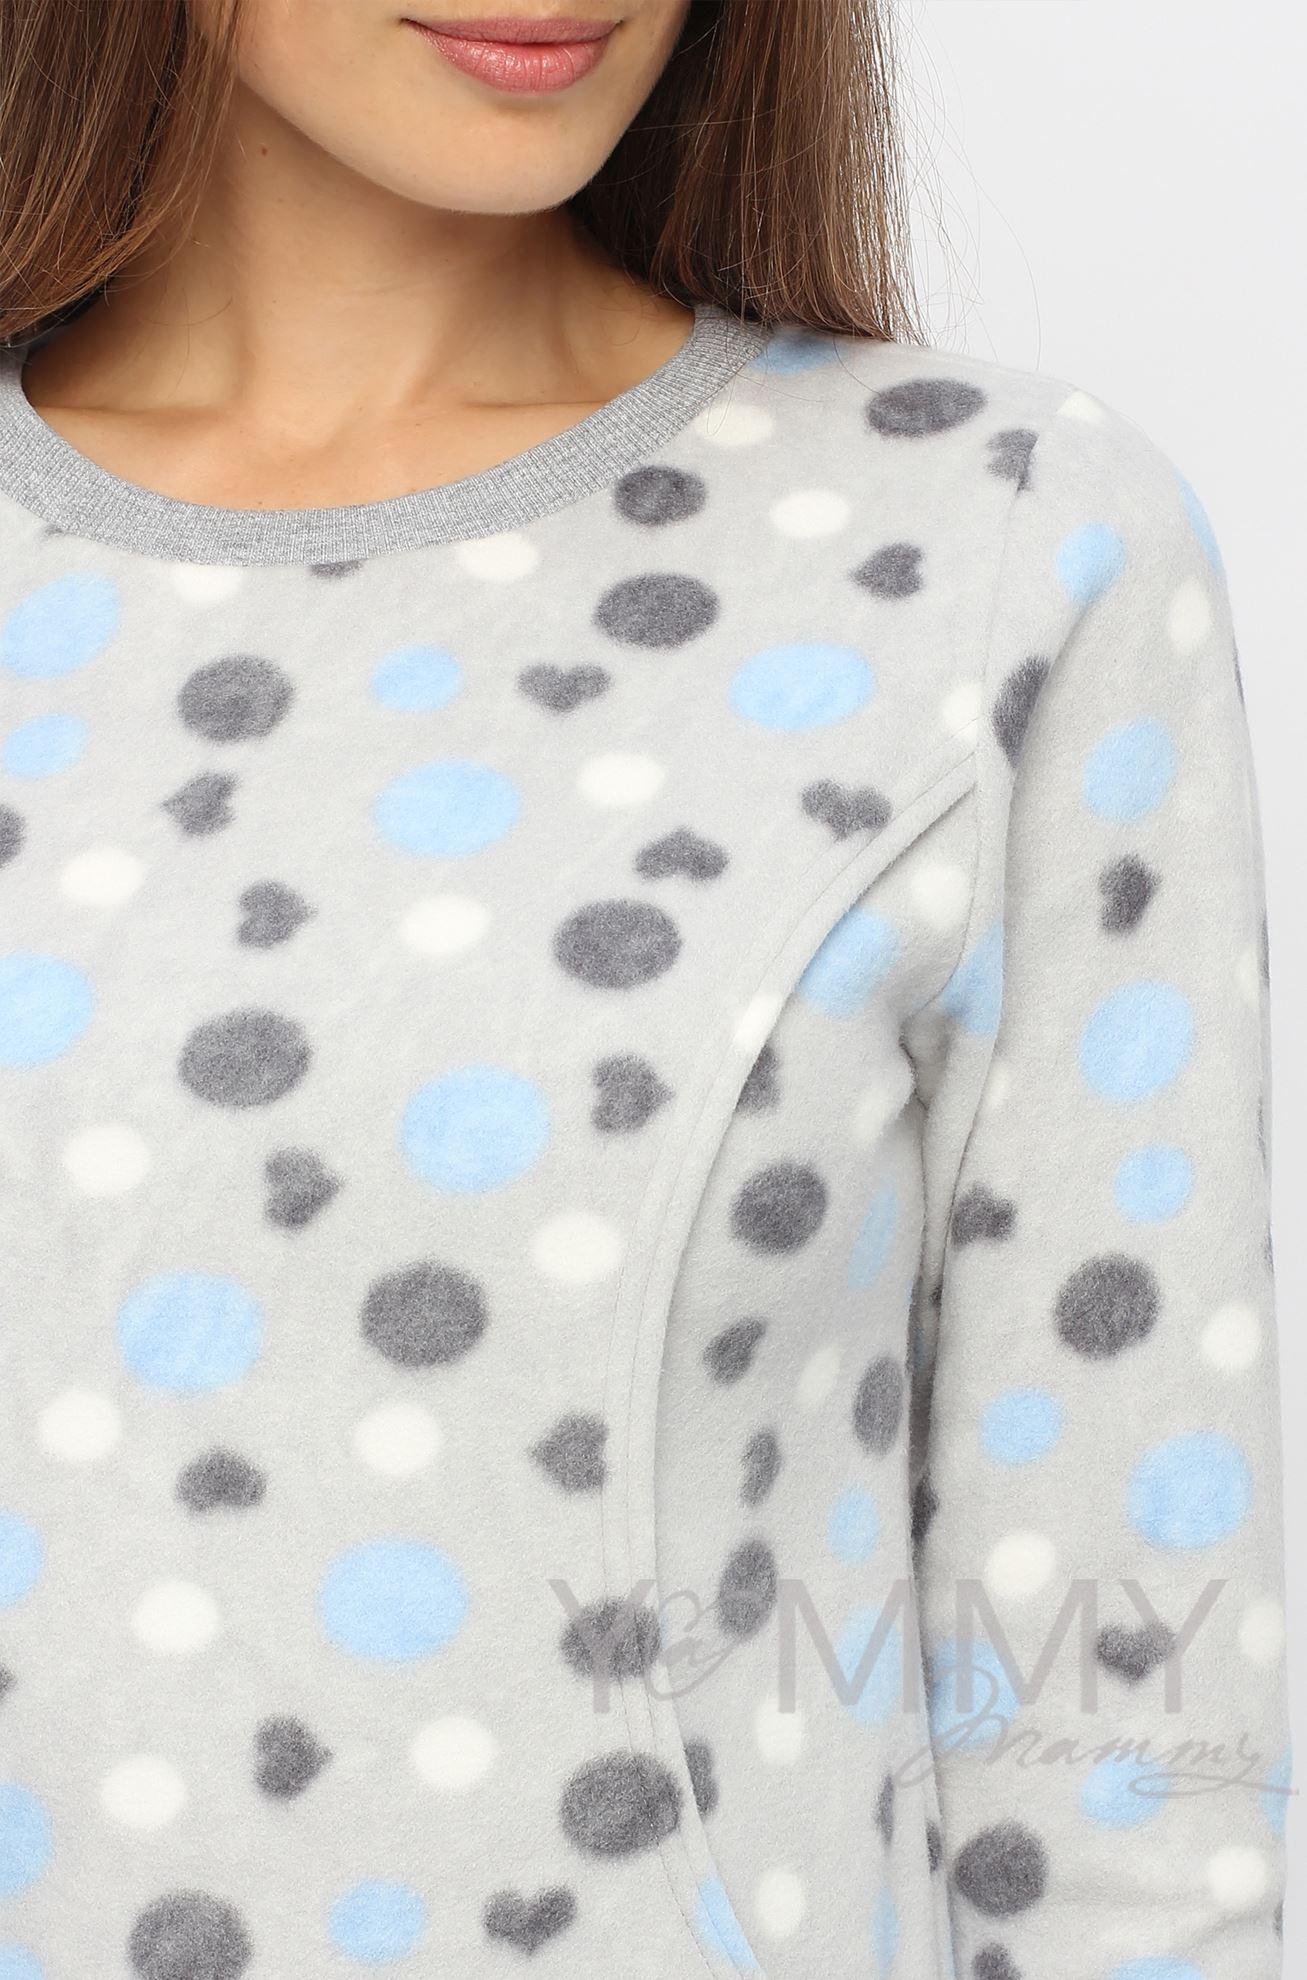 Изображение                               Джемпер флисовый серый с голубыми и серыми кругами